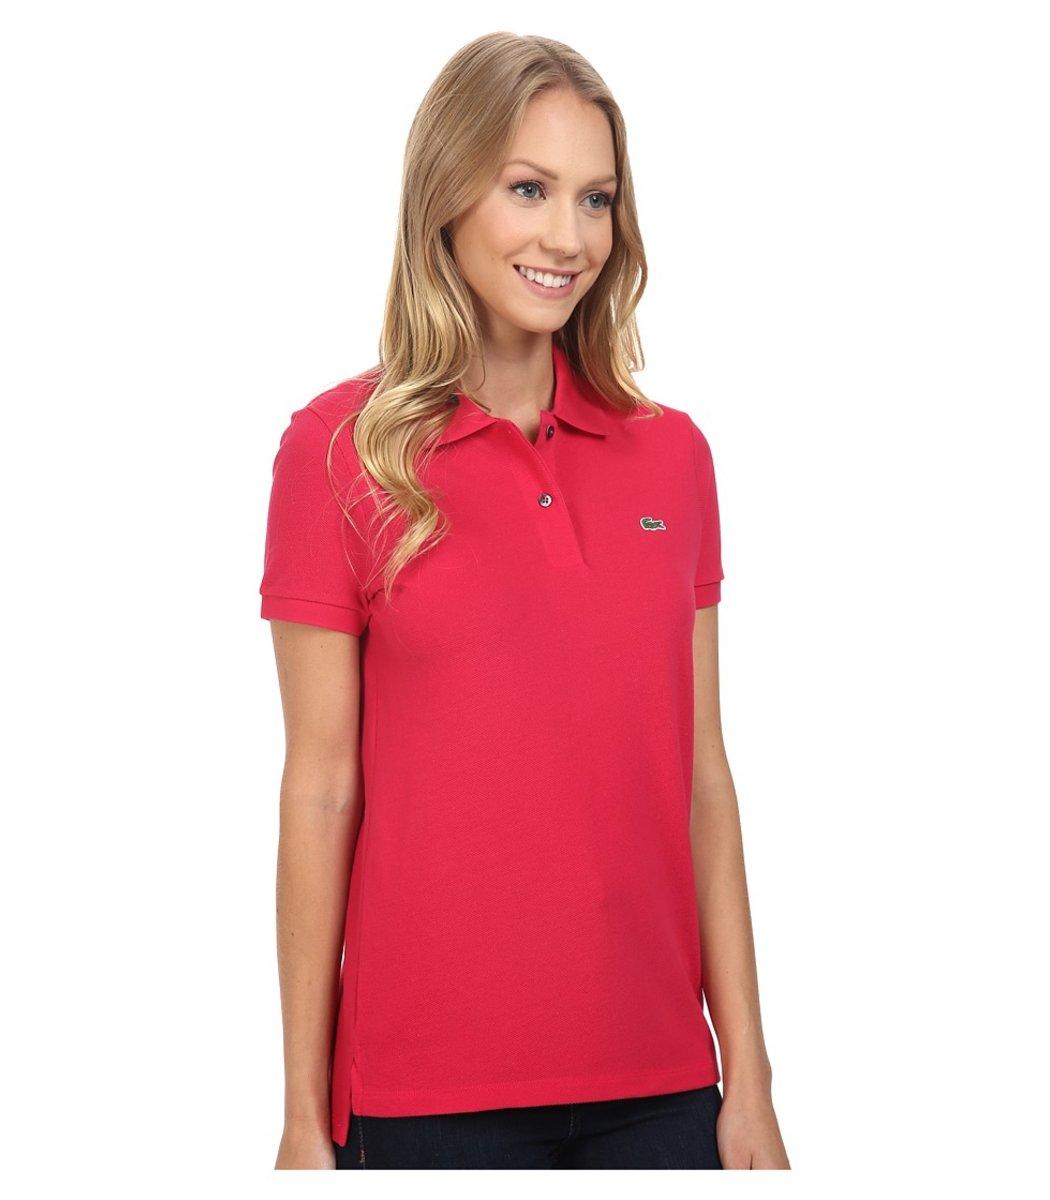 Женская красная футболка поло Lacoste - красный - Вид 3